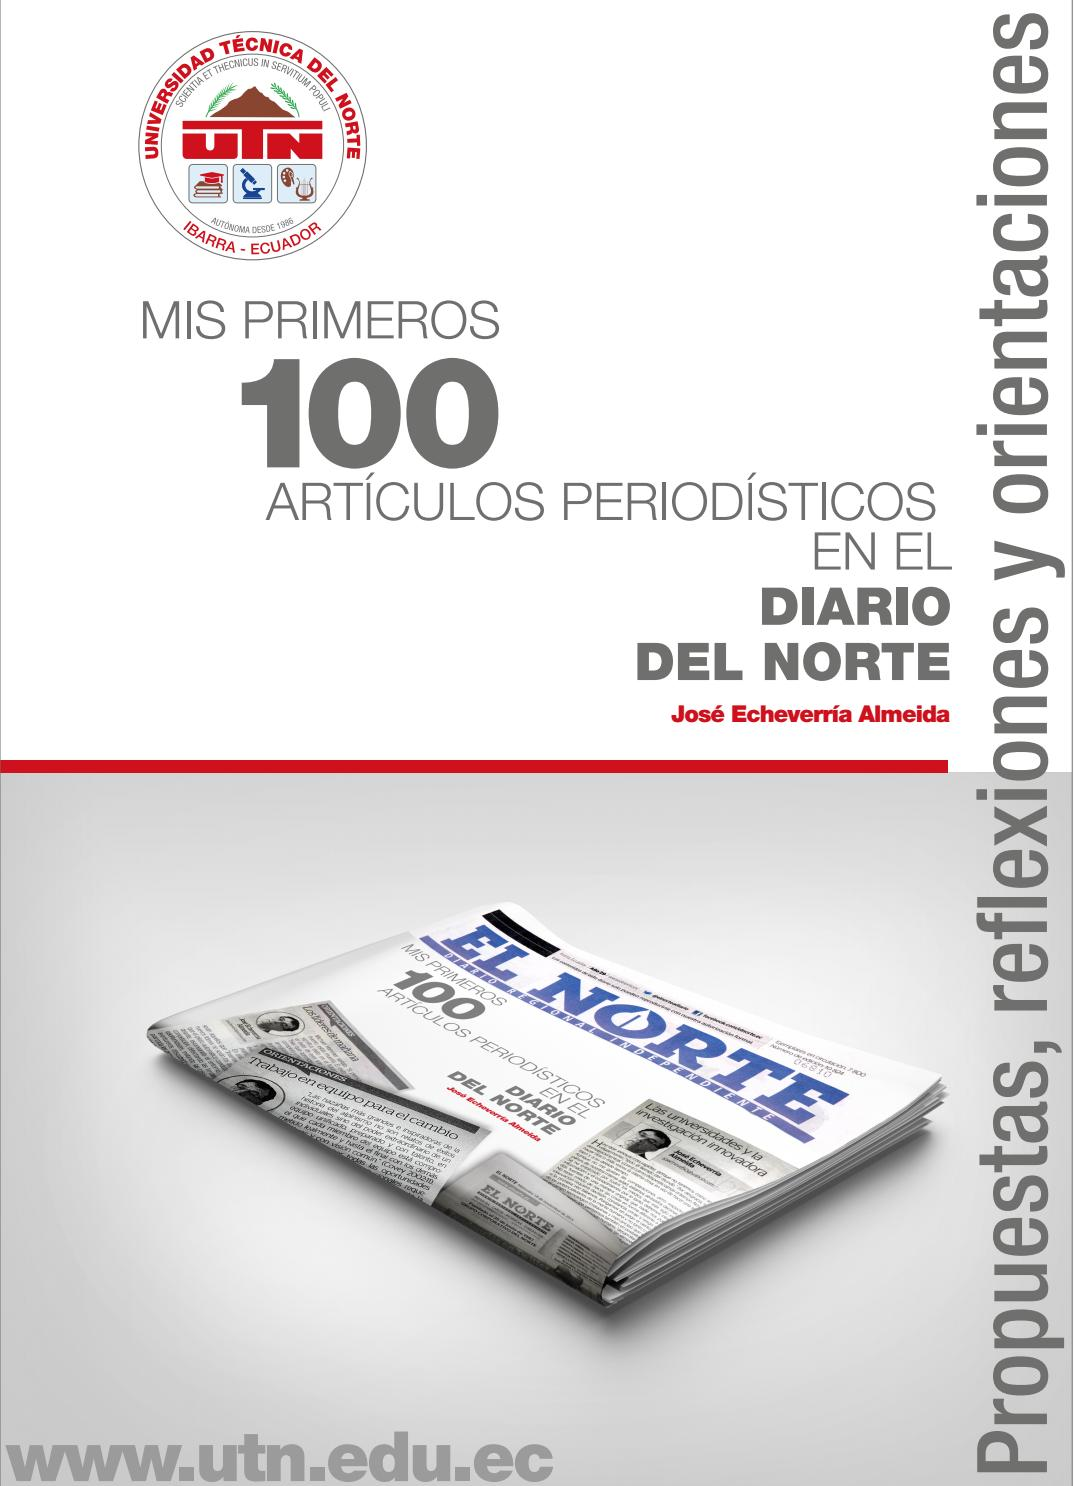 Mis Primeros 100 Artículos Periodísticos en el Diarios el